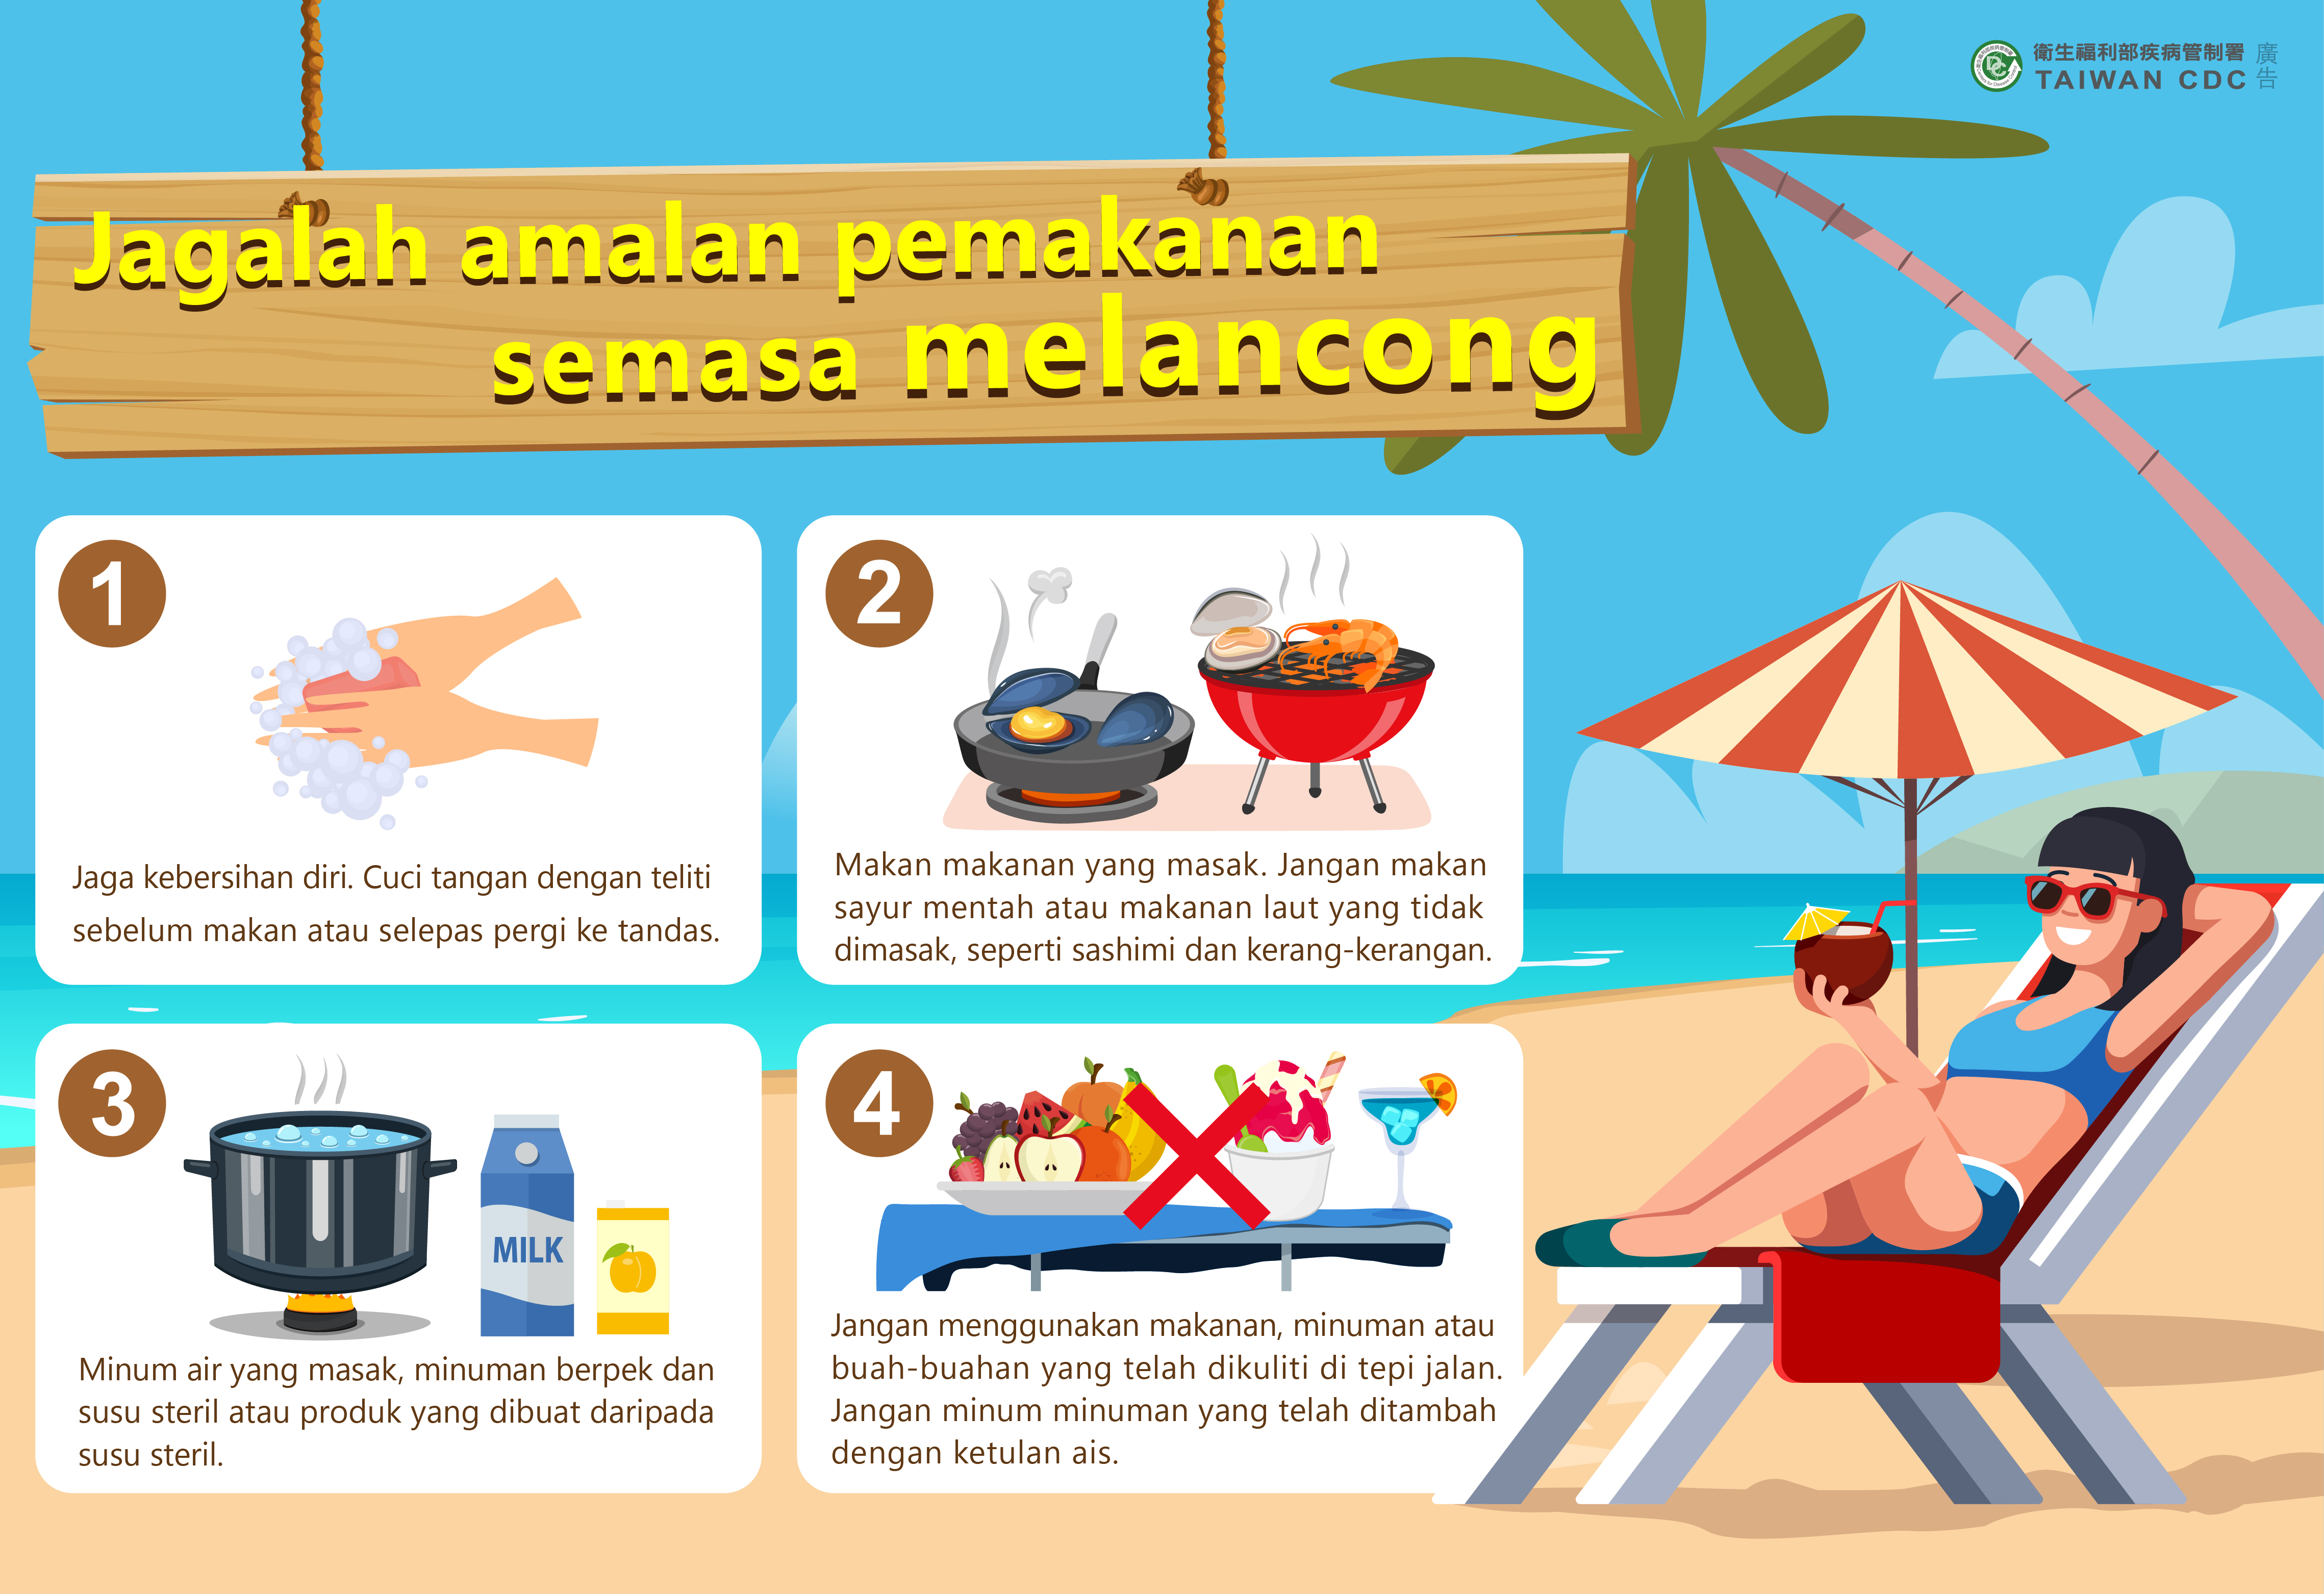 詳如附件【klik saya】agalah amalan pemakanan semasa melancong渡假小心病從口入(馬來文)